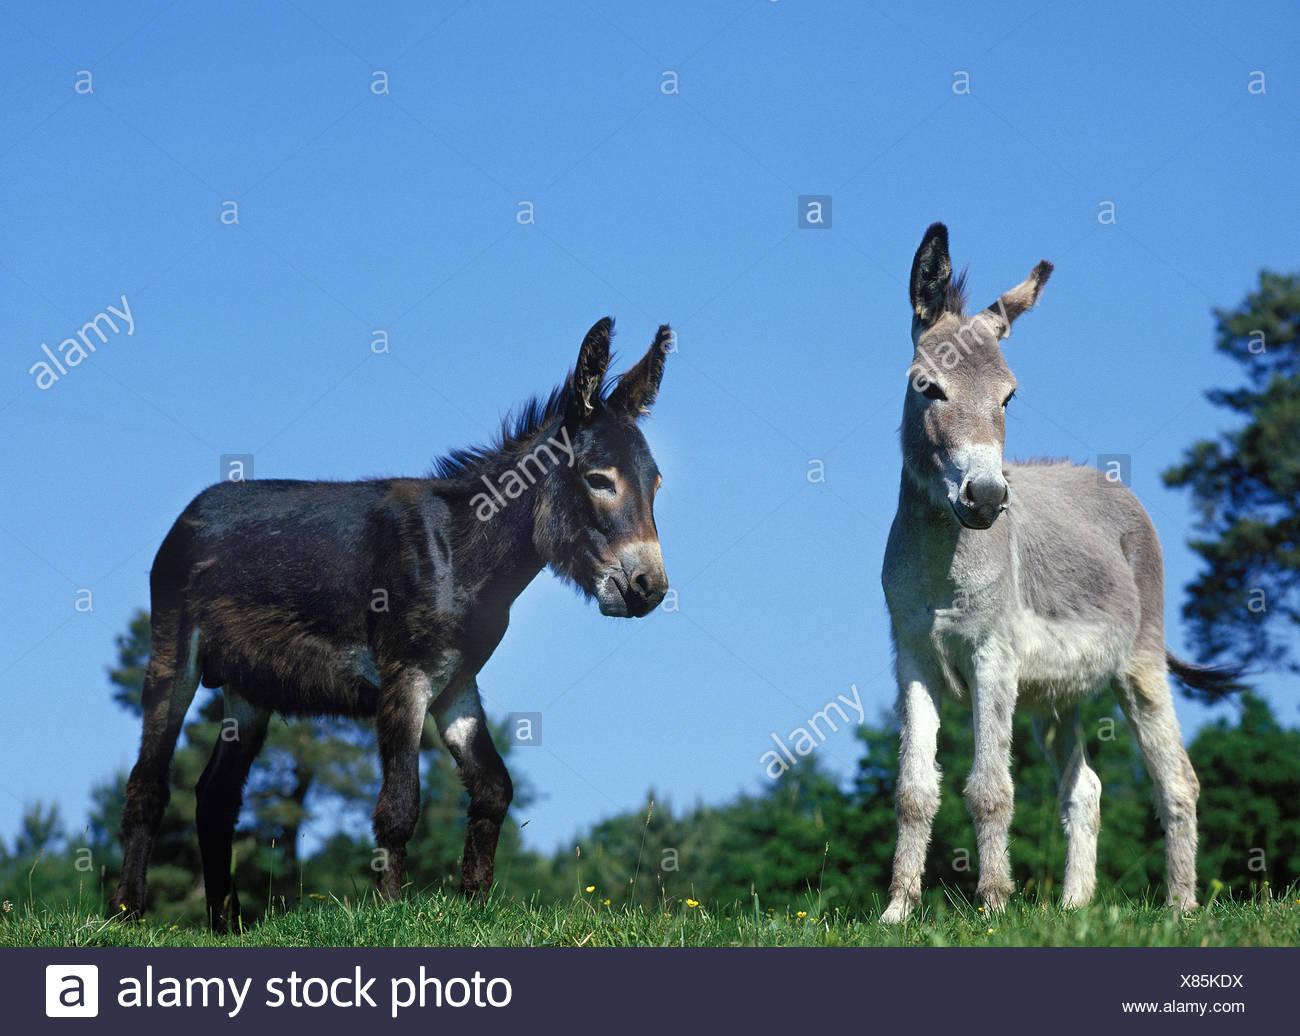 Domestic Donkey and Grey Donkey - Stock Image